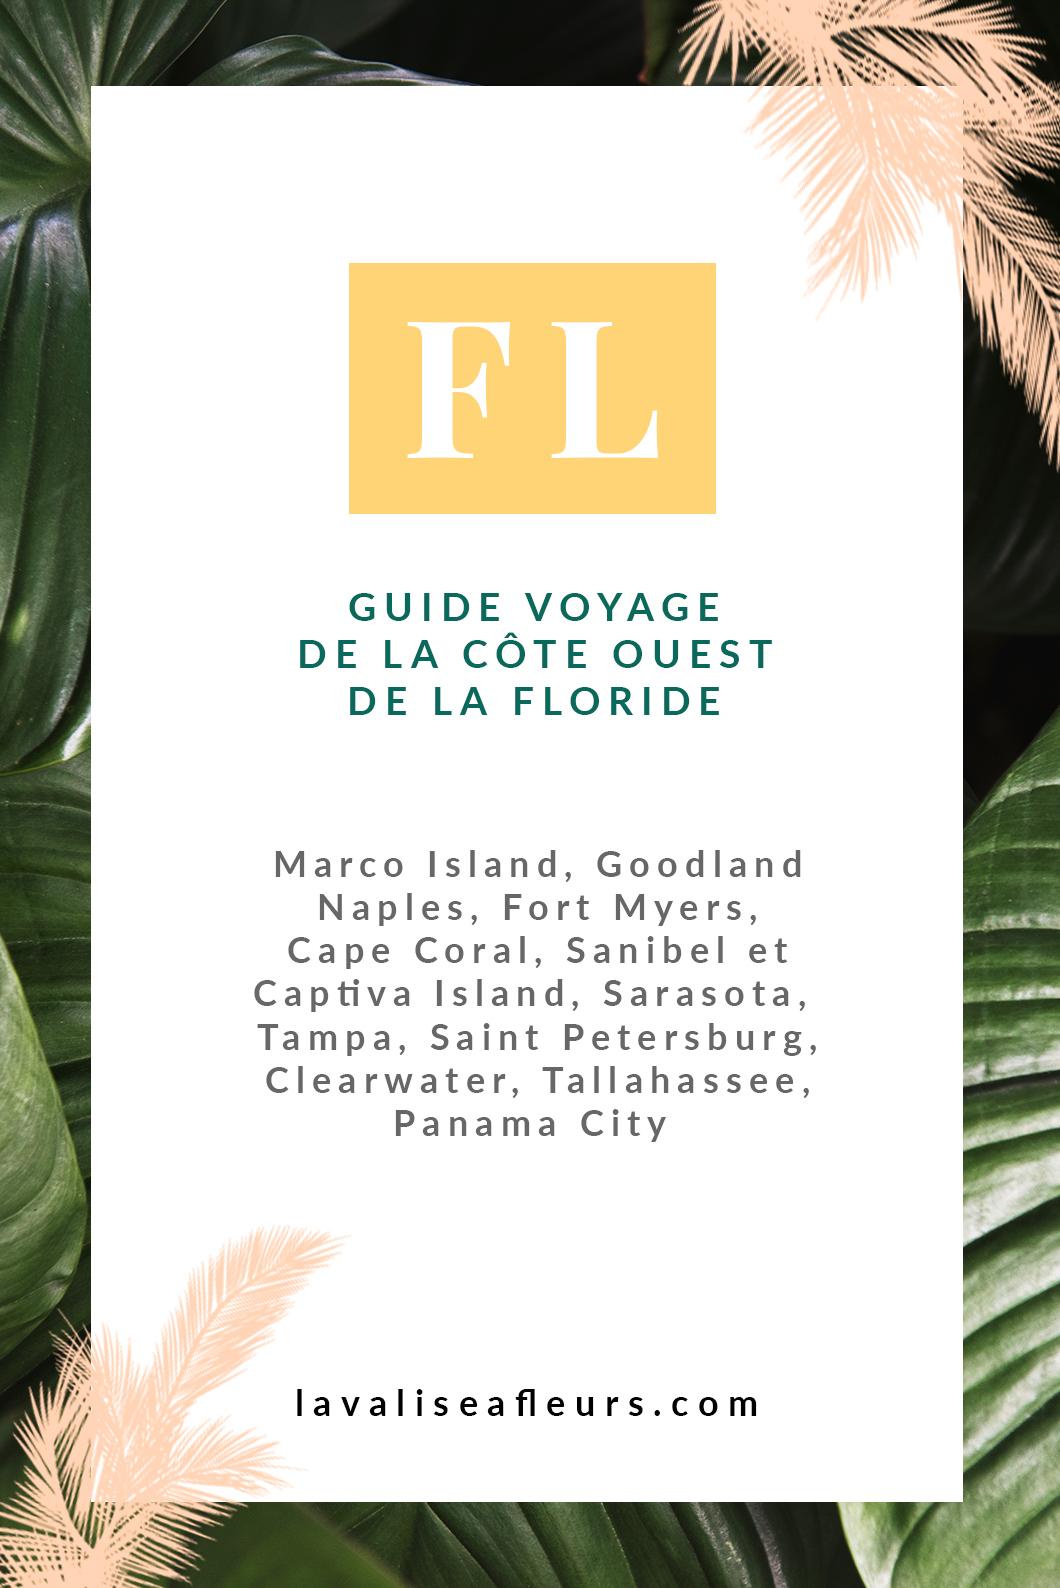 Visiter la Côte ouest de la Floride